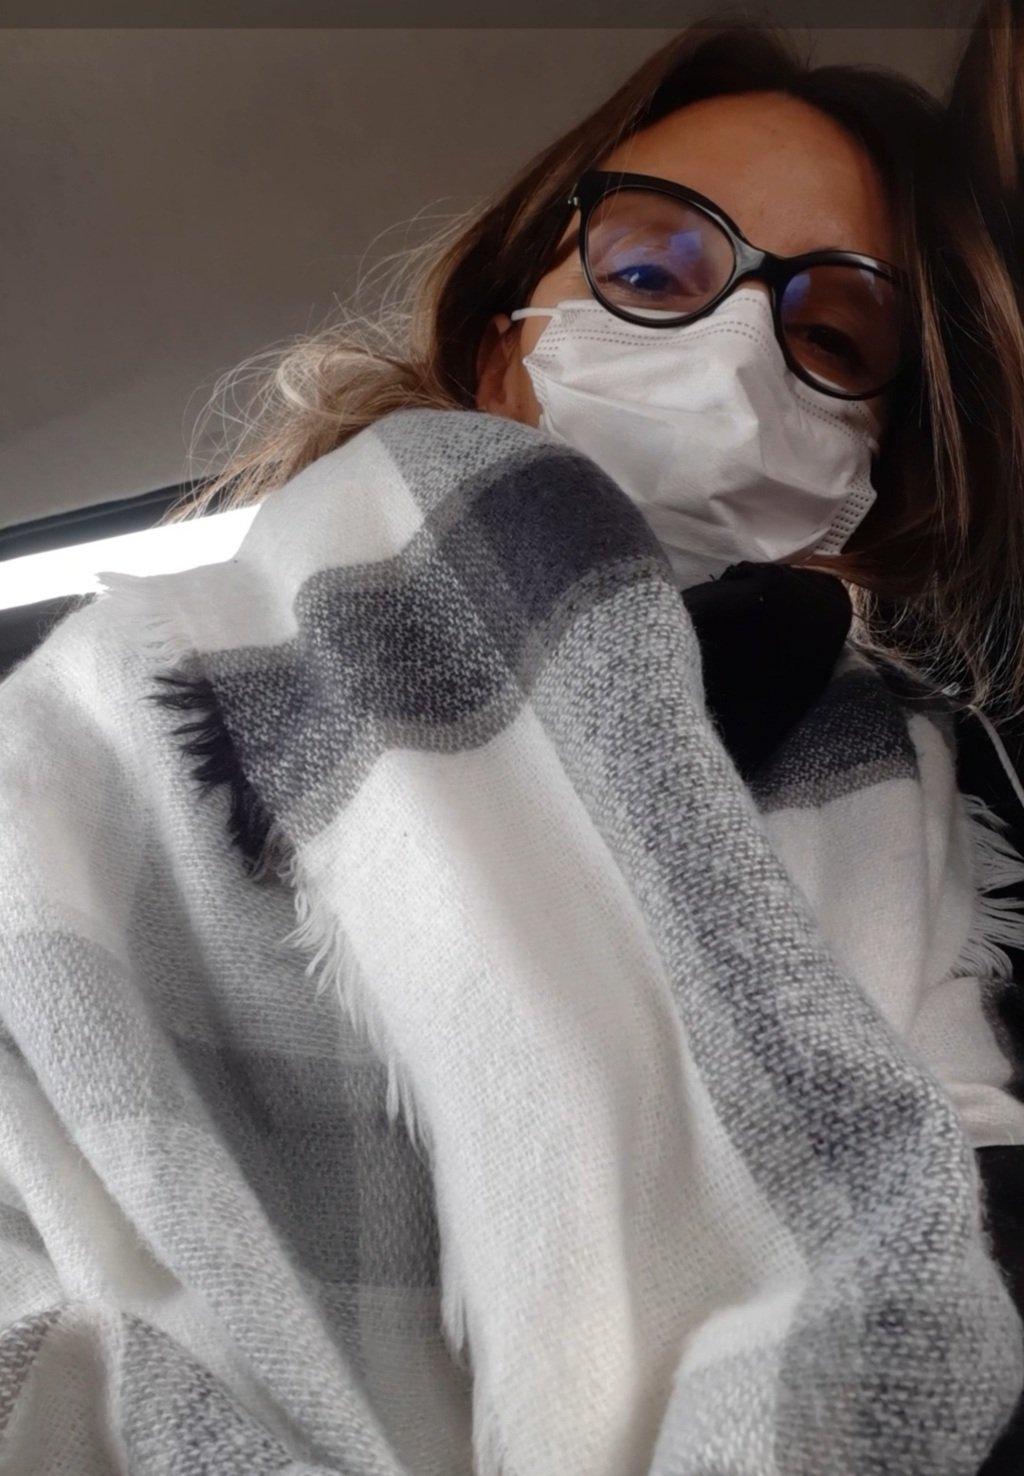 Paola fotografata con sciarpa e mascherina